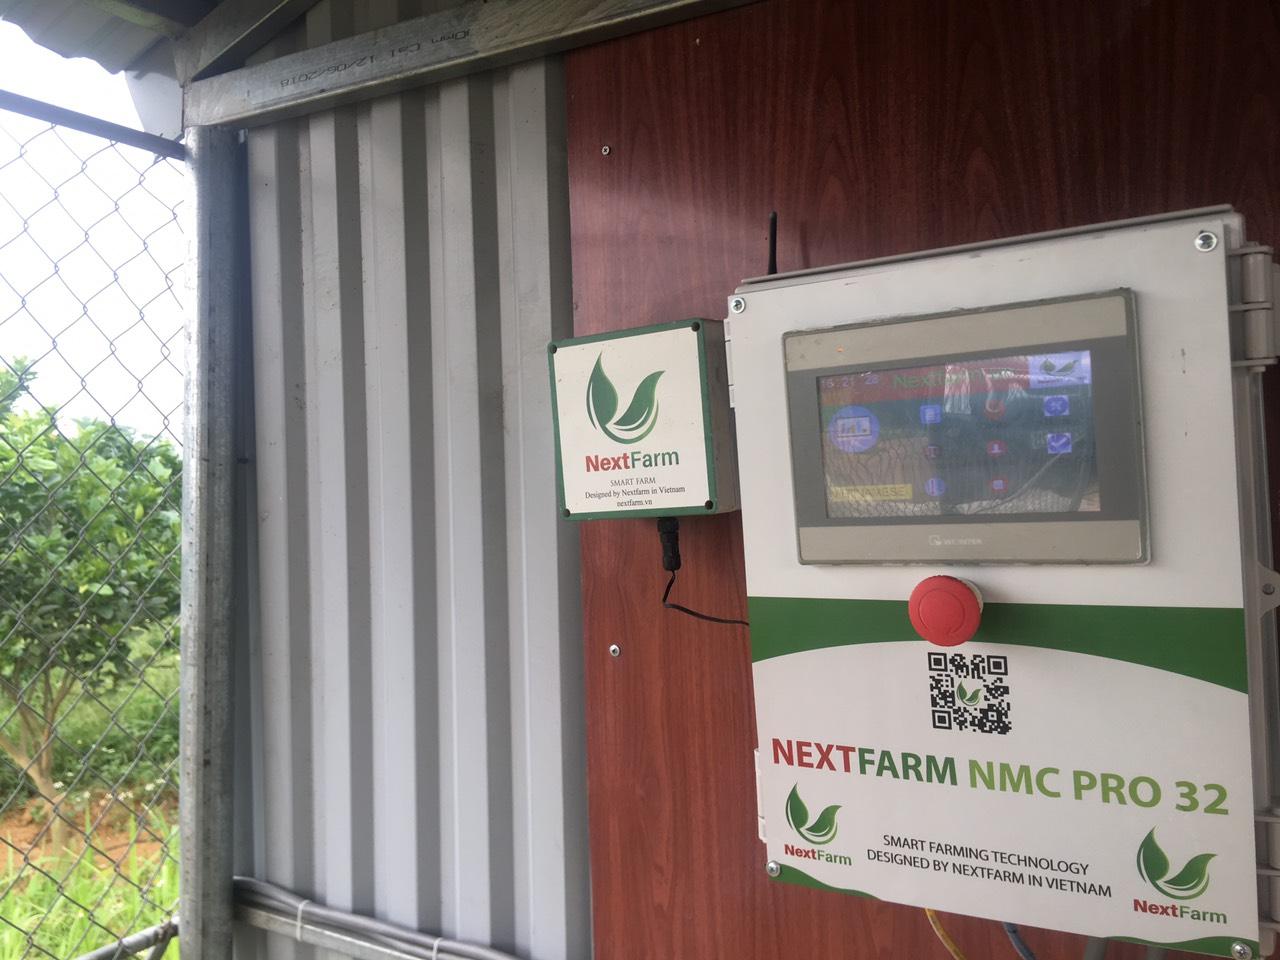 Hê thống điều khiển Nextfarm NMC Pro